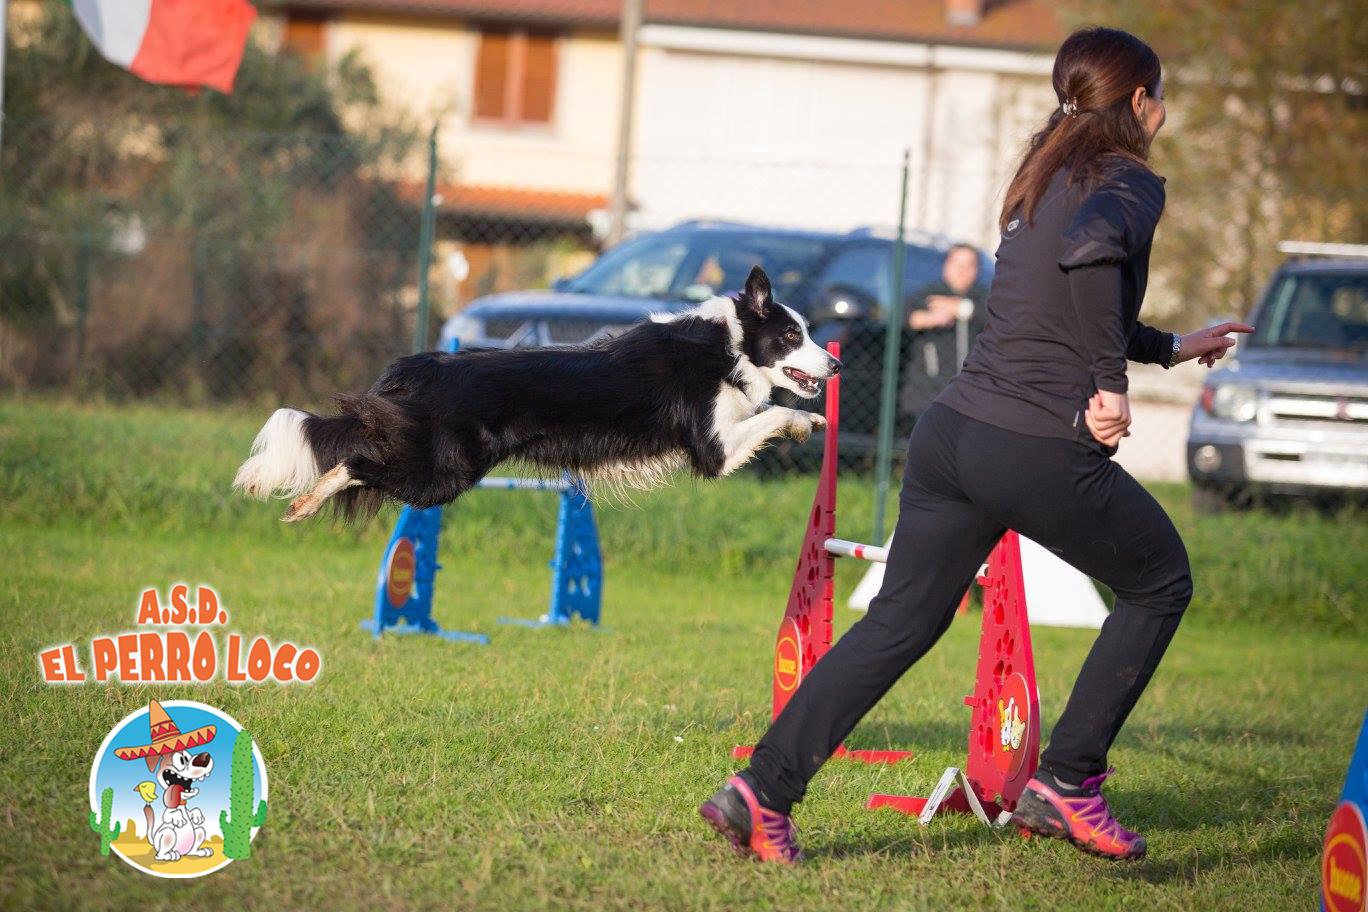 Addestramento cani versilia el perro loco for Lavorare con i cani